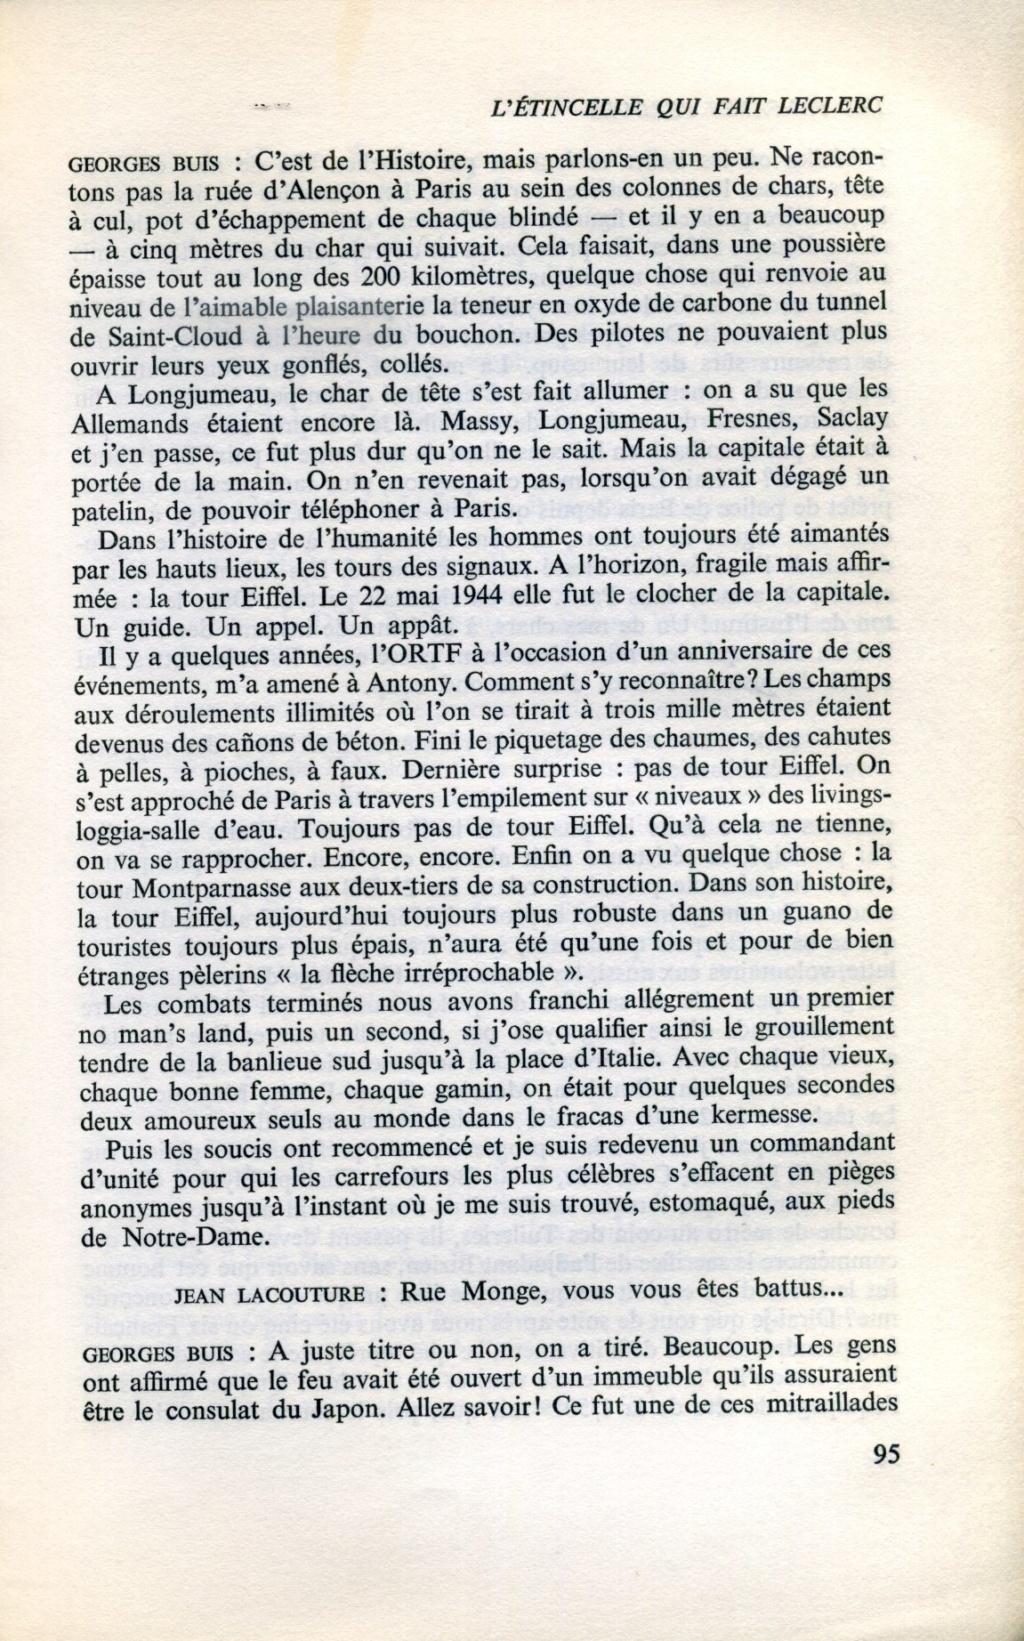 Georges Buis les fanfares perdues Les_fa24